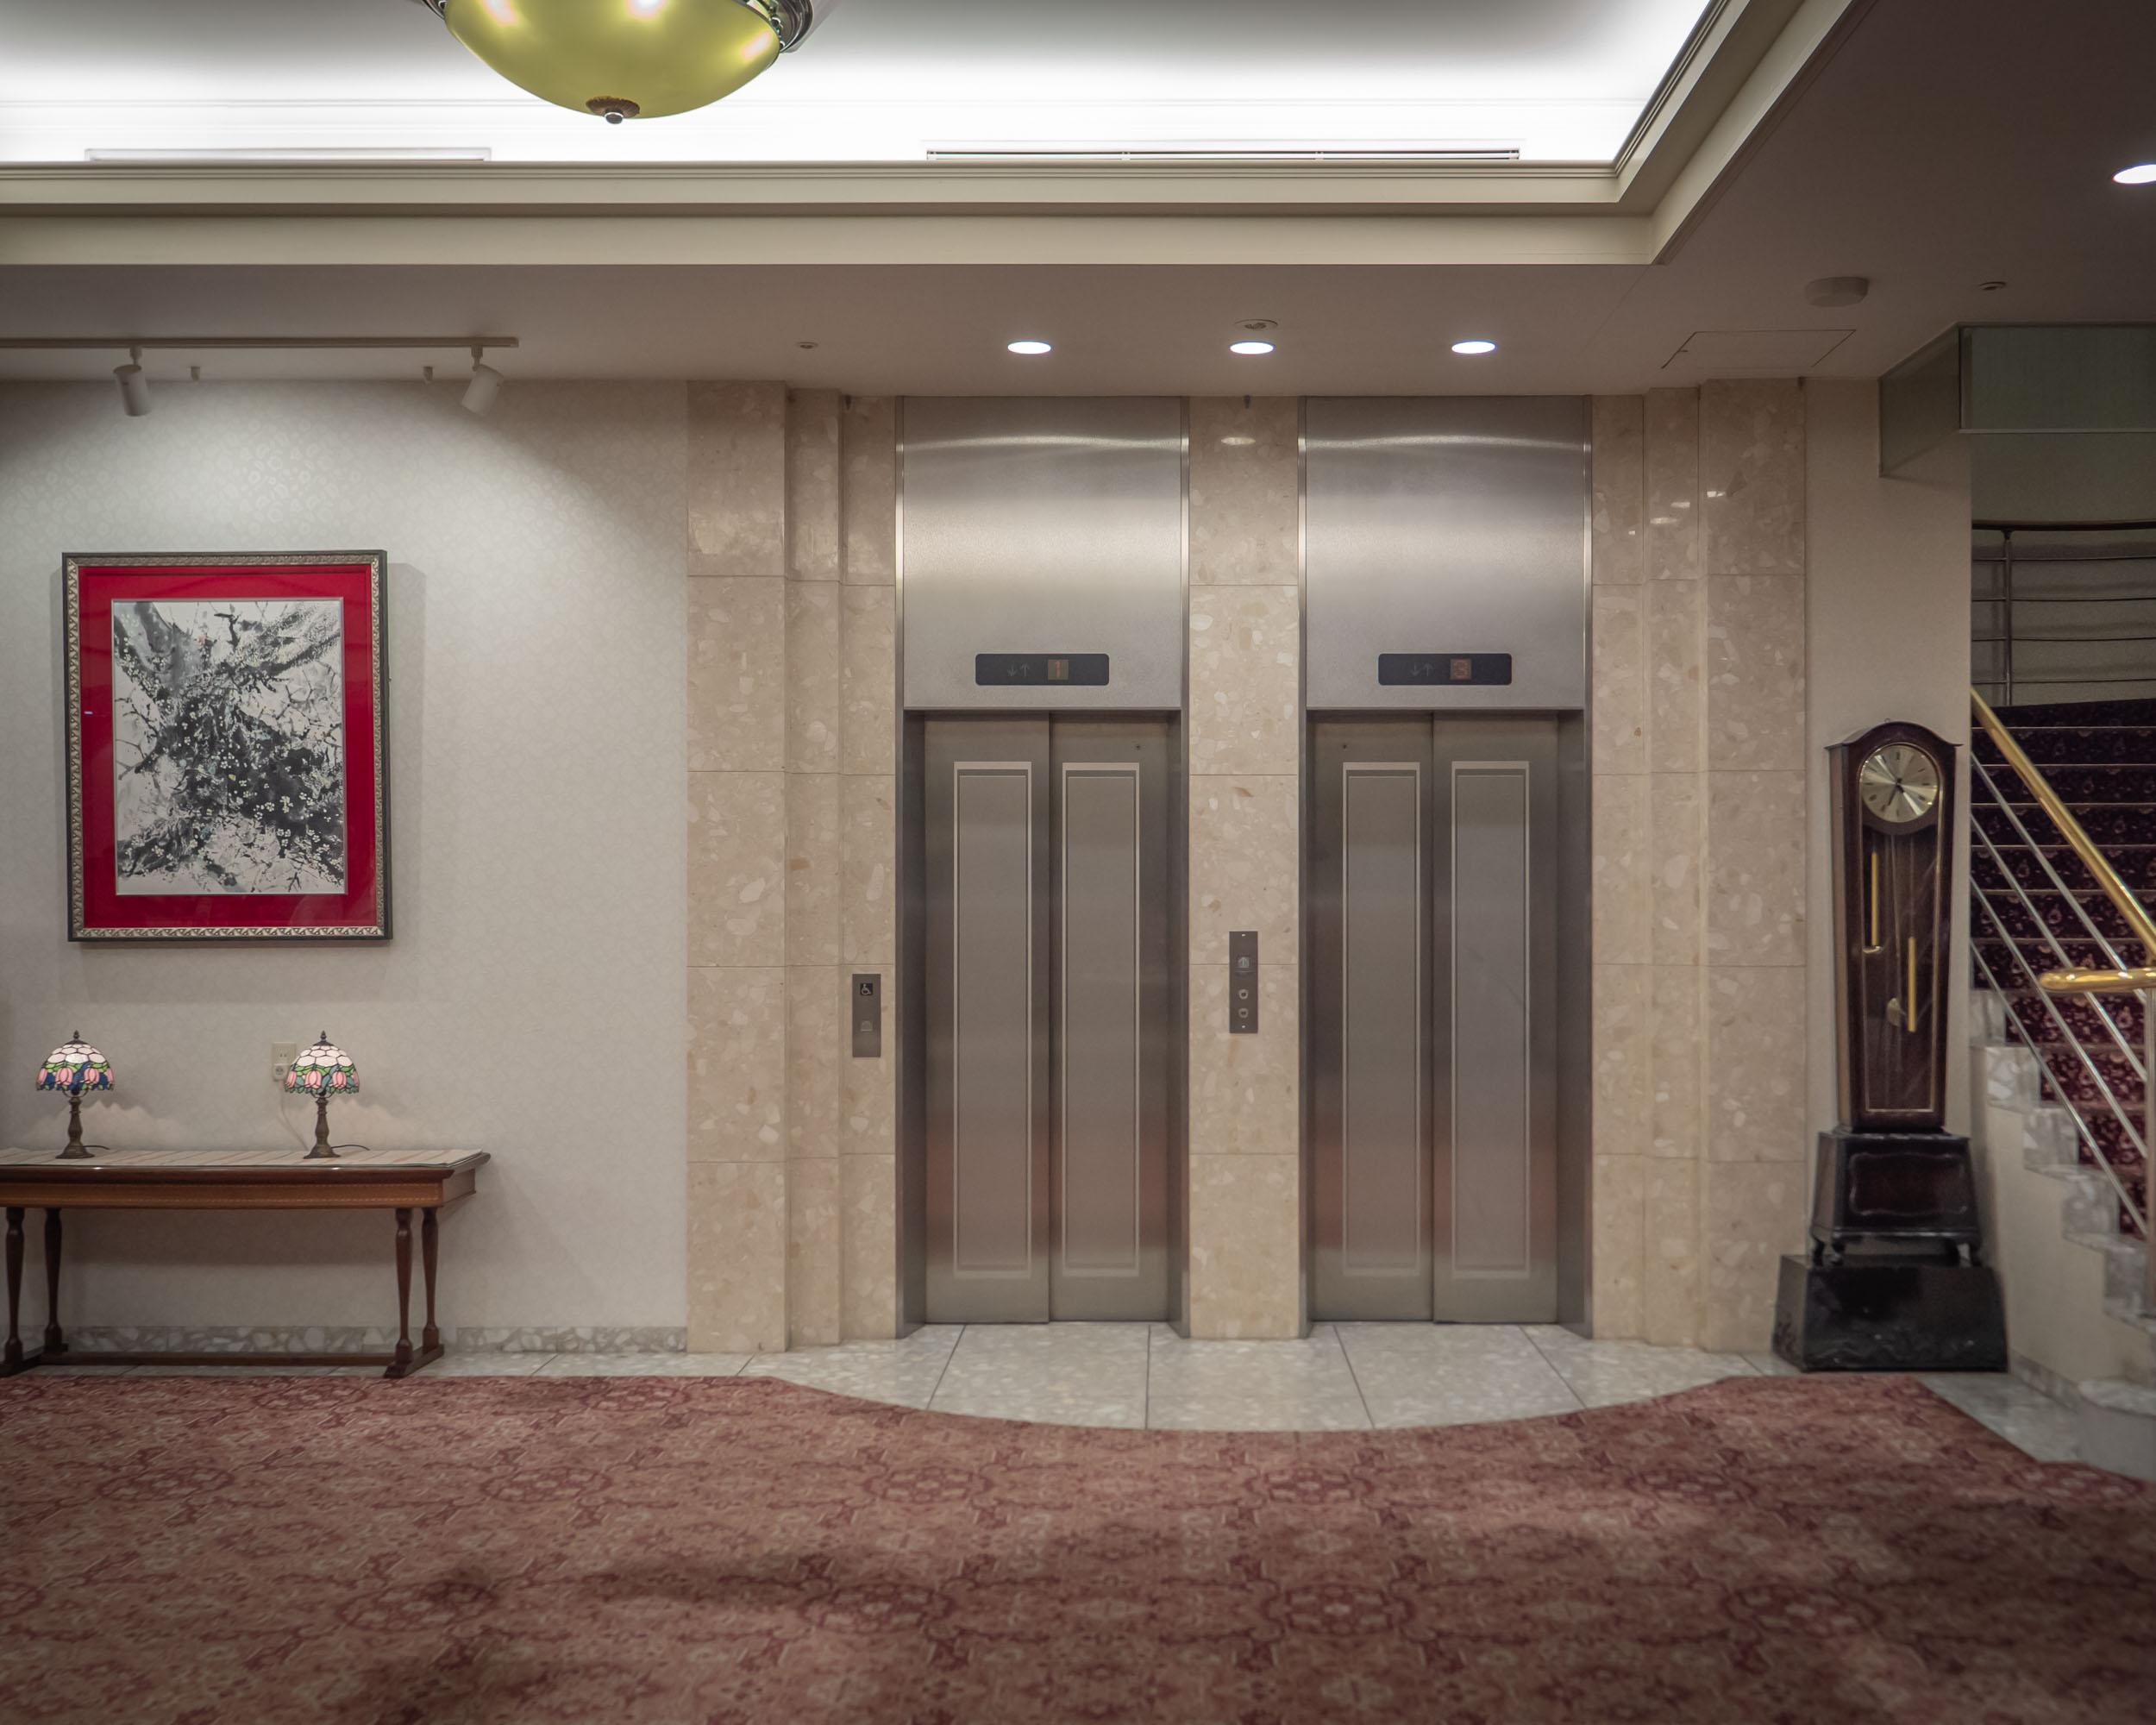 札幌第一ホテル エントランスのエレベーター DMC-GX8 + LEICA DG 12-60mm